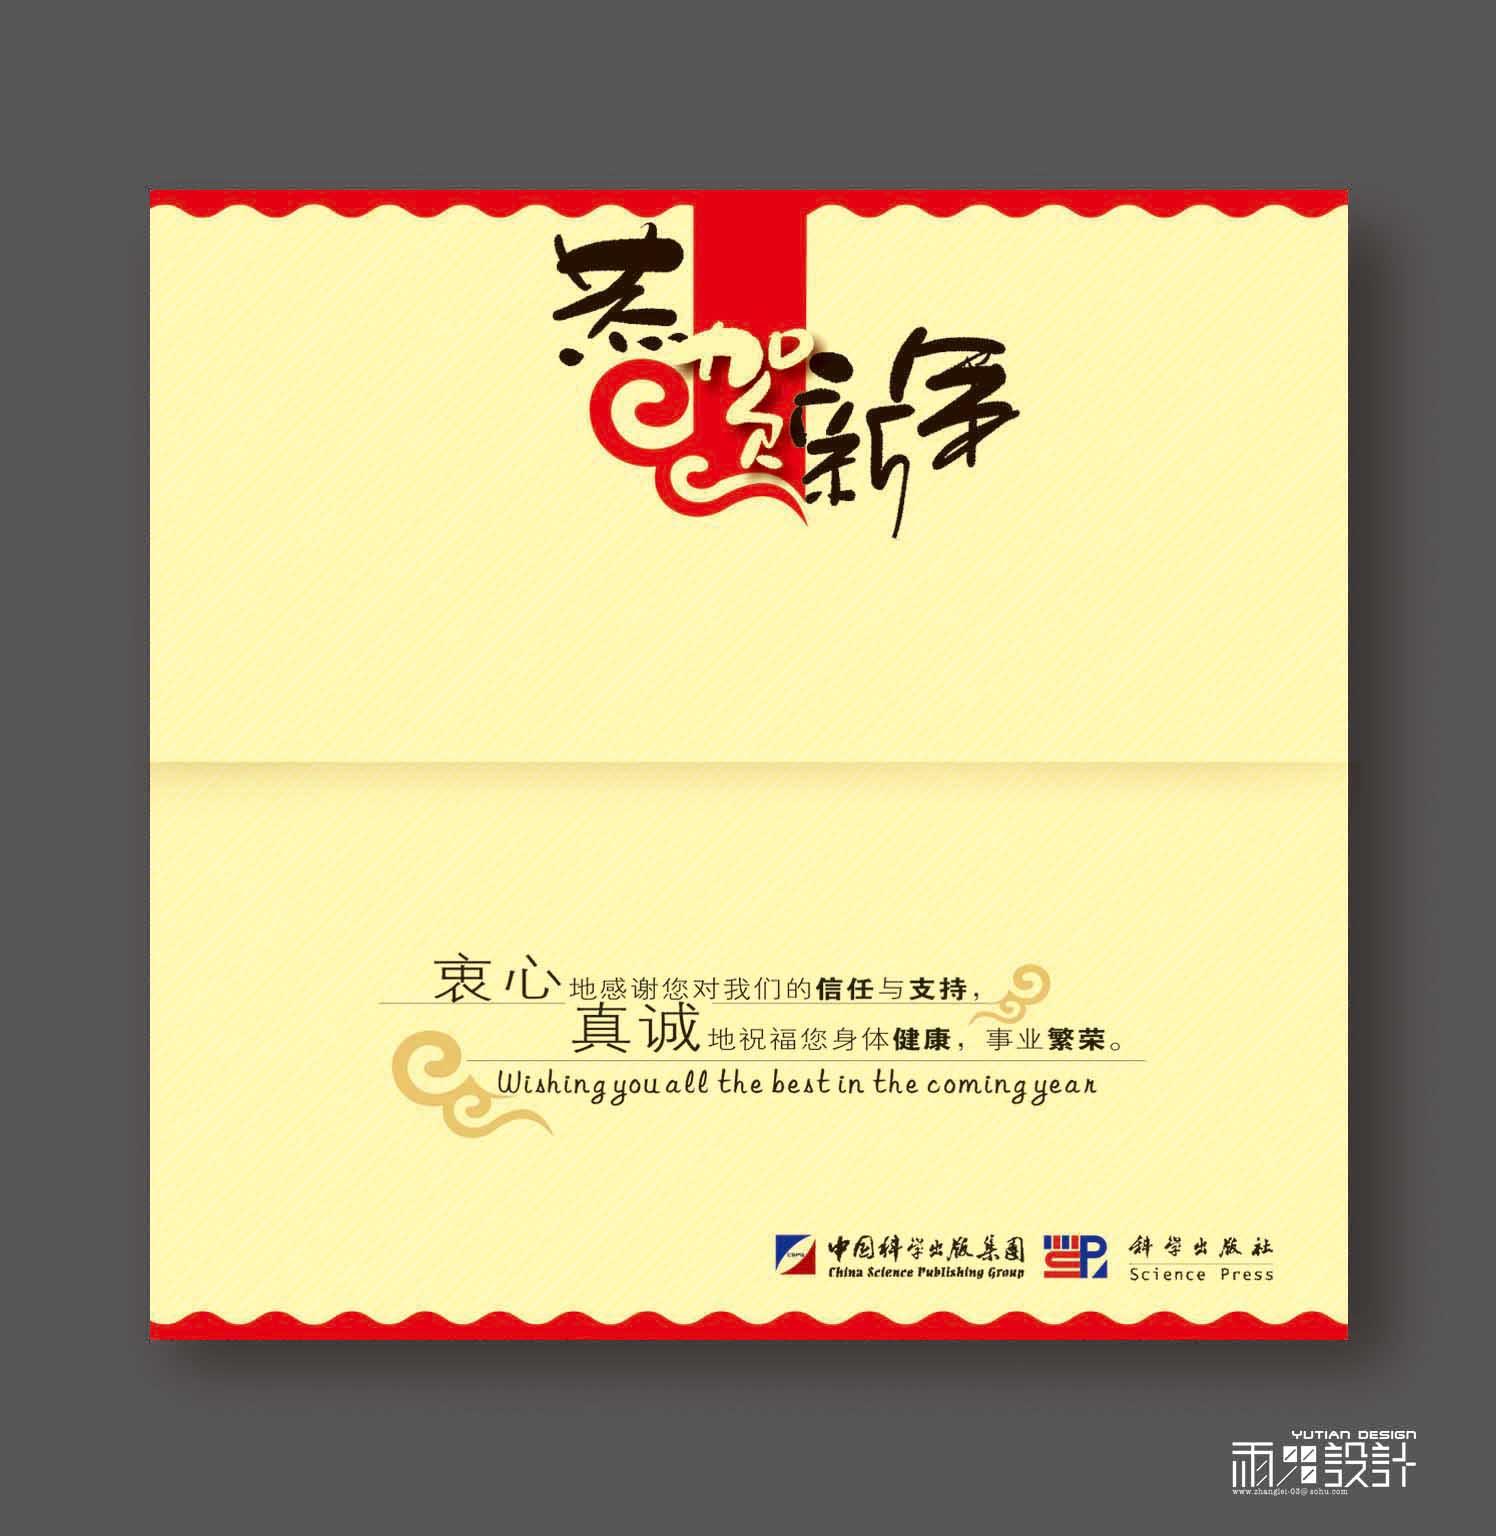 2007年科学出版社企业新年贺卡设计要求 名称:科学出版社企业贺卡设计 内容:贺卡、中文标准信封及英文国际标准信封设计 形式:贺卡对折(可竖折或横折),对折后尺寸不超过15cm*22cm ;中文标准信封符合国内信封标准,英文国际标准信封符合国际信封标准,信封尺寸与贺卡相匹配;要考虑印制上的合理性。 设计要求: 国际化、简洁、大气、高雅,兼顾中外的审美习惯和心理; 语言为中文、英文,贺卡语言为中英双语; 贺卡与信封整体感强; 能体现企业